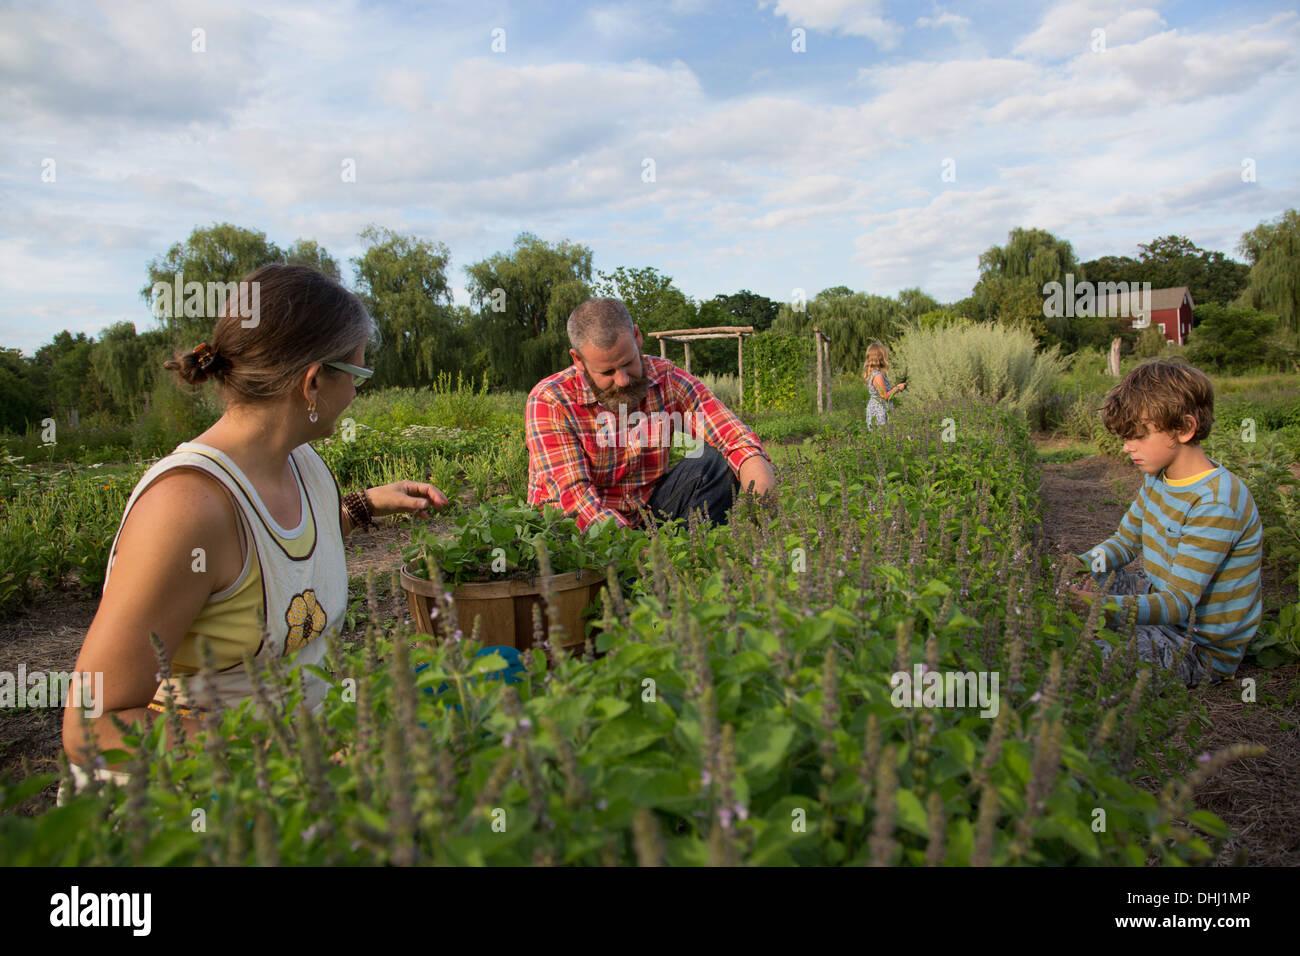 Famiglia lavorando insieme su herb farm Immagini Stock